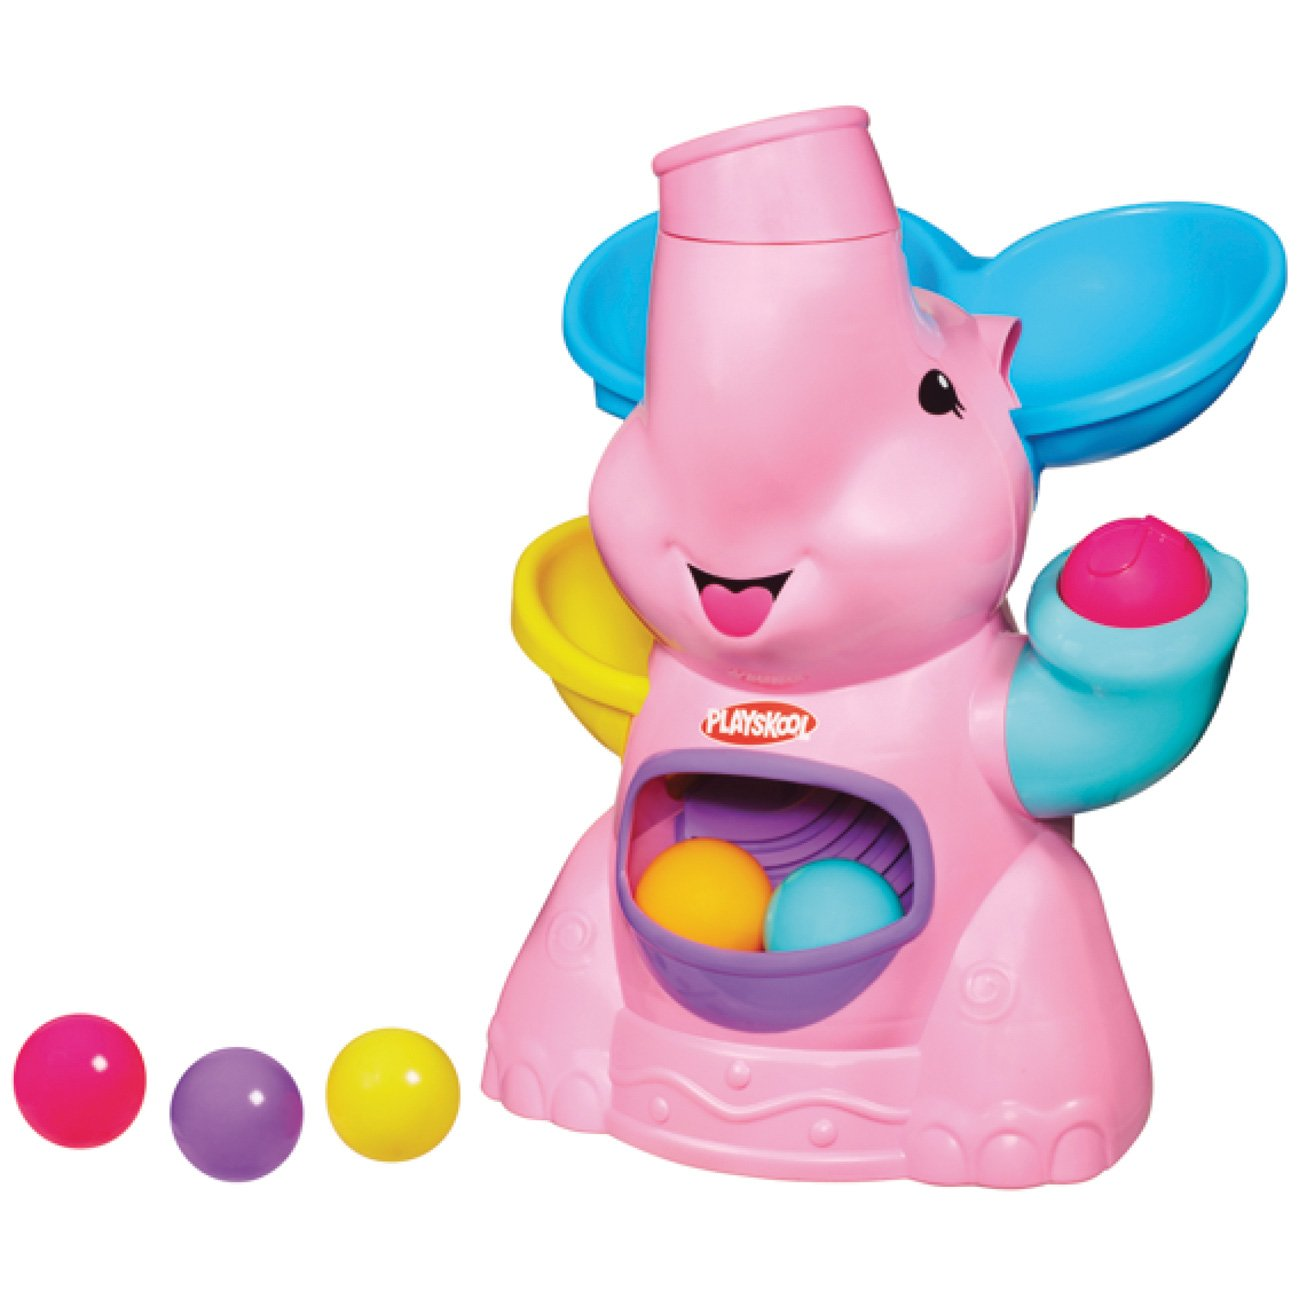 Hasbro Playskool 31943E24 - Blauer Kullerfant, Vorschulspielzeug M28760 Kleinkind / Krabbelspielzeug Sonstiges erstes Spielzeug